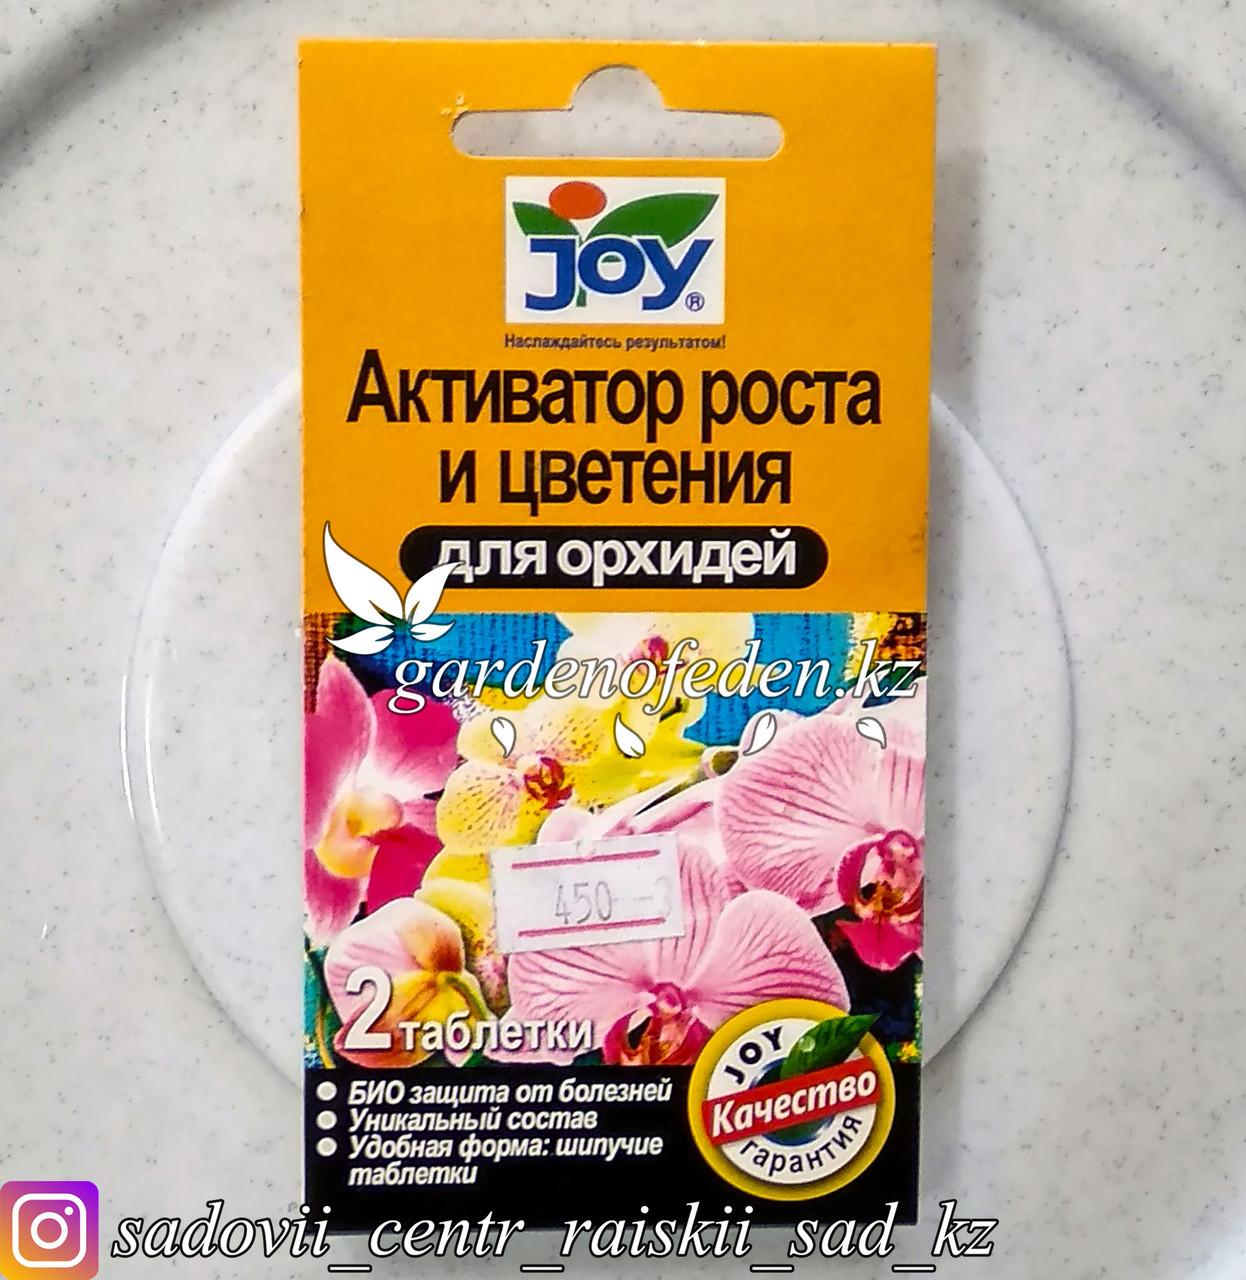 Активатор роста и цветения для орхидей JOY, 2 таблетки.